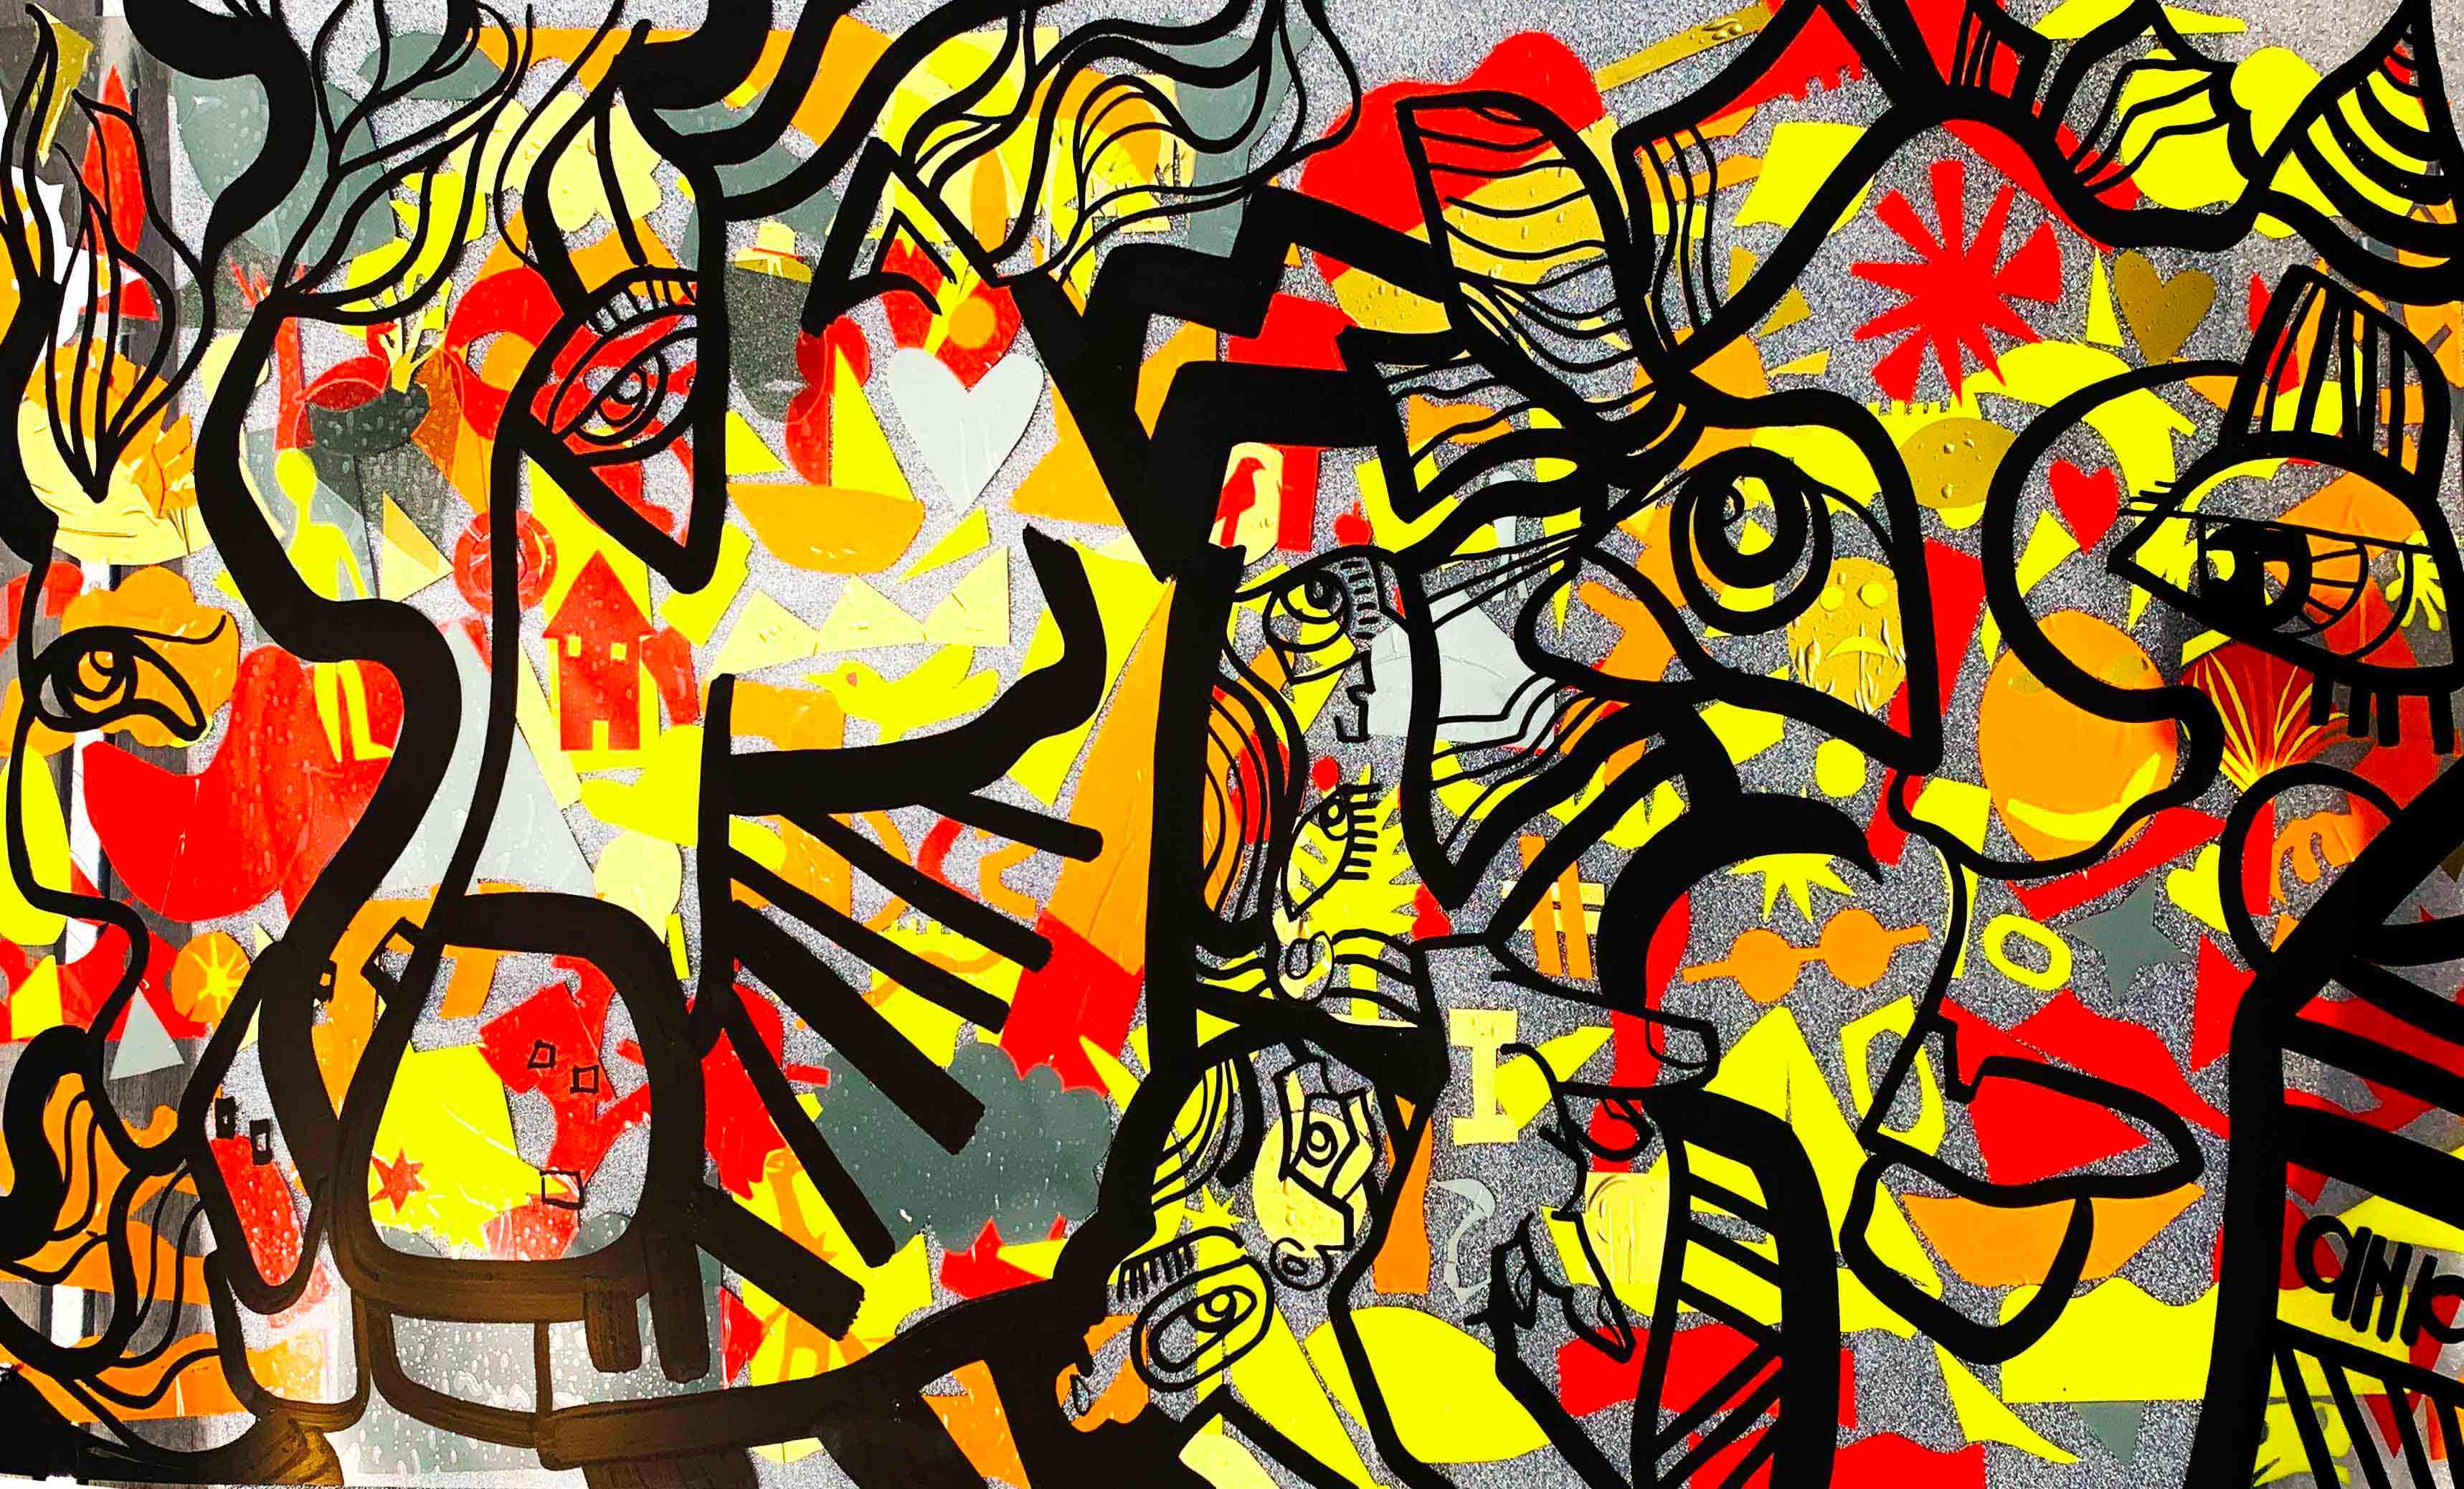 Graffiti collaboratif Team Building fresque Lyon format Totem Box réalisé sur le Roof Top Port Rambaud